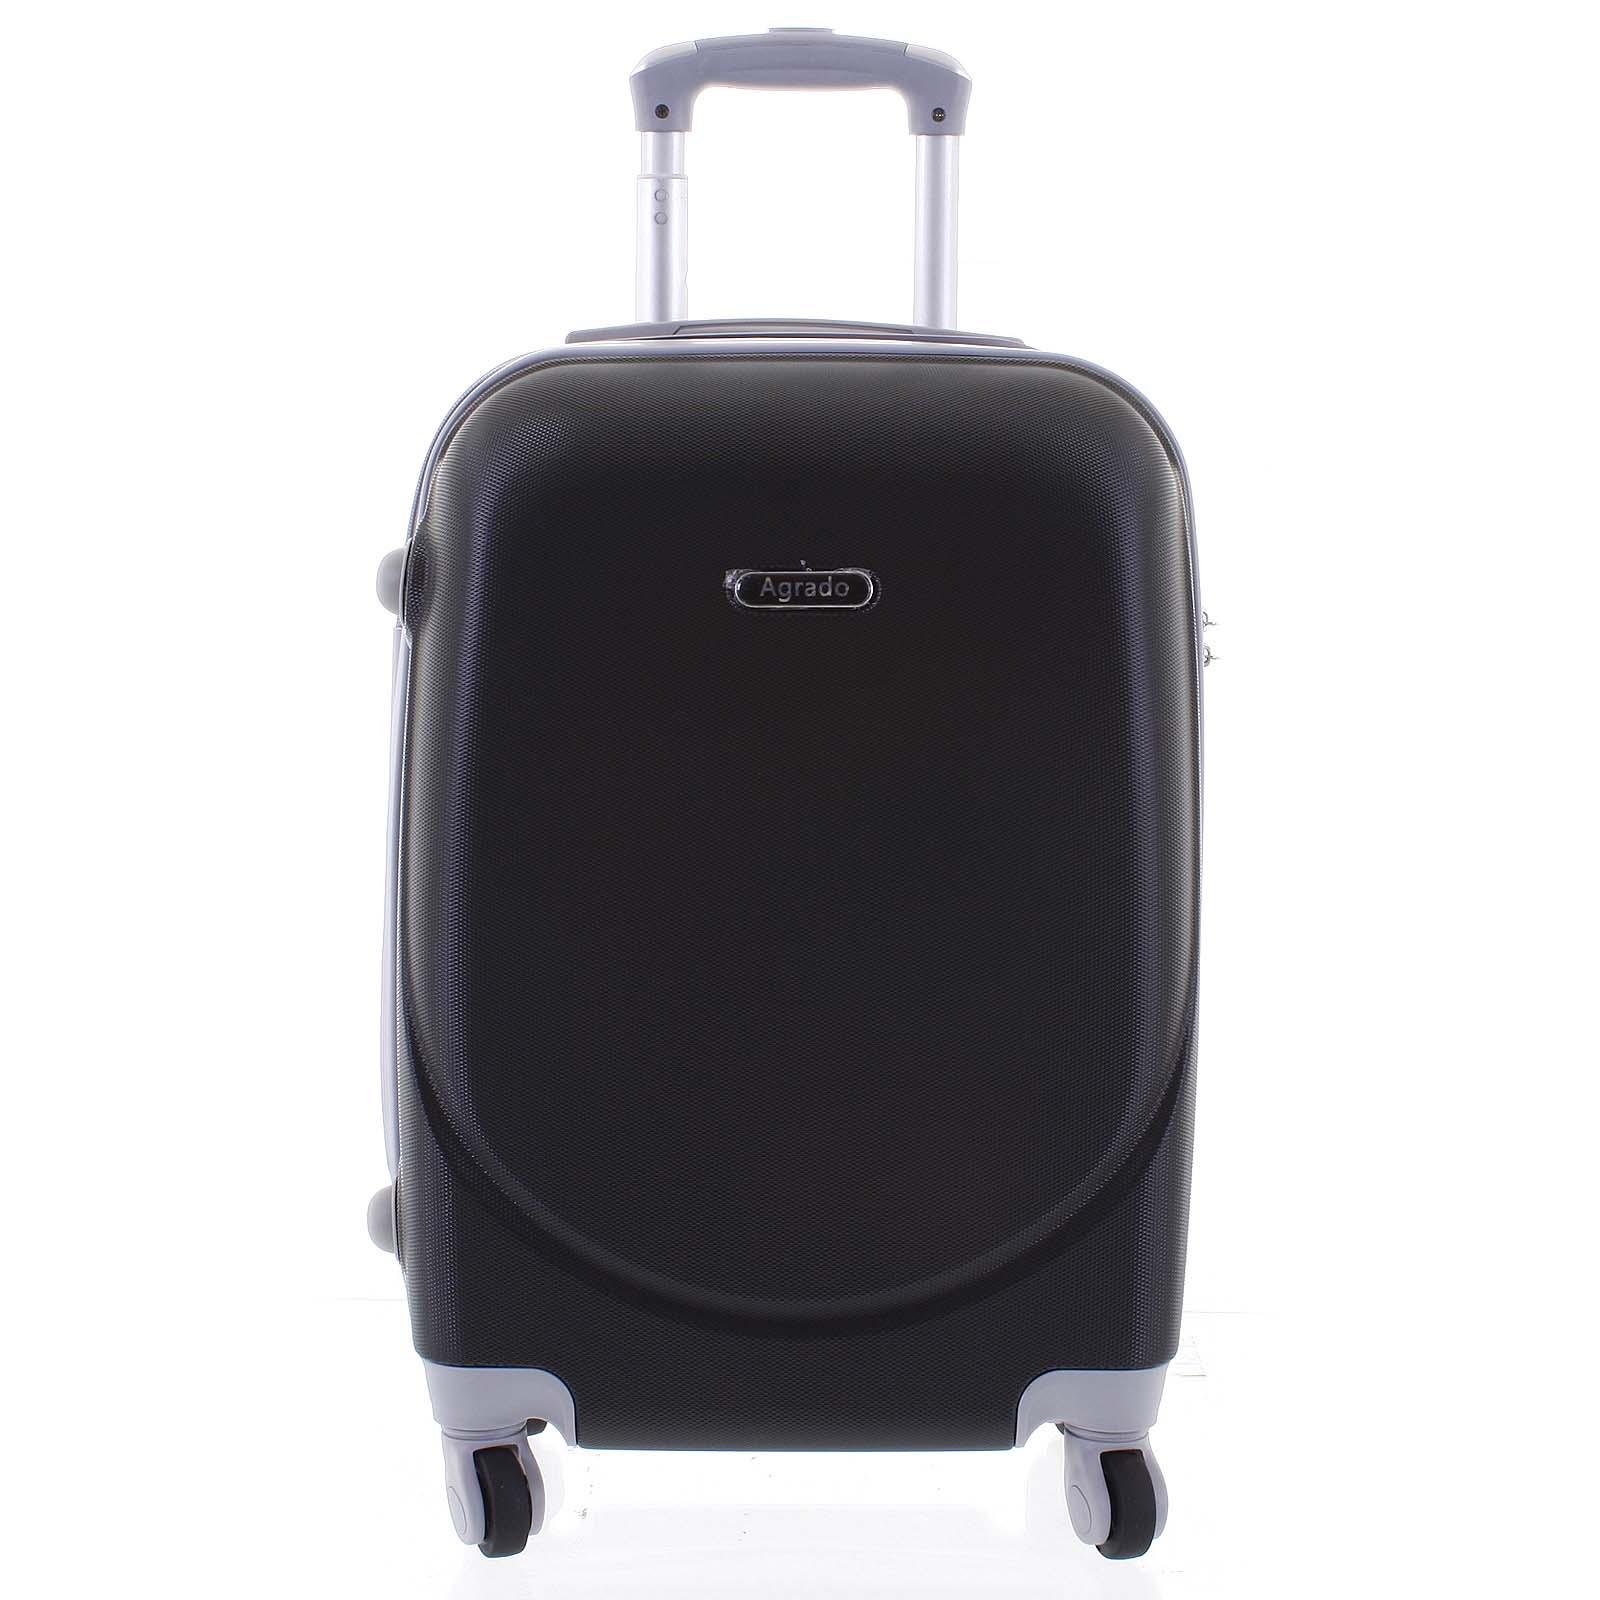 Kvalitní a elegantní pevný černý cestovní kufr - Agrado Peter M